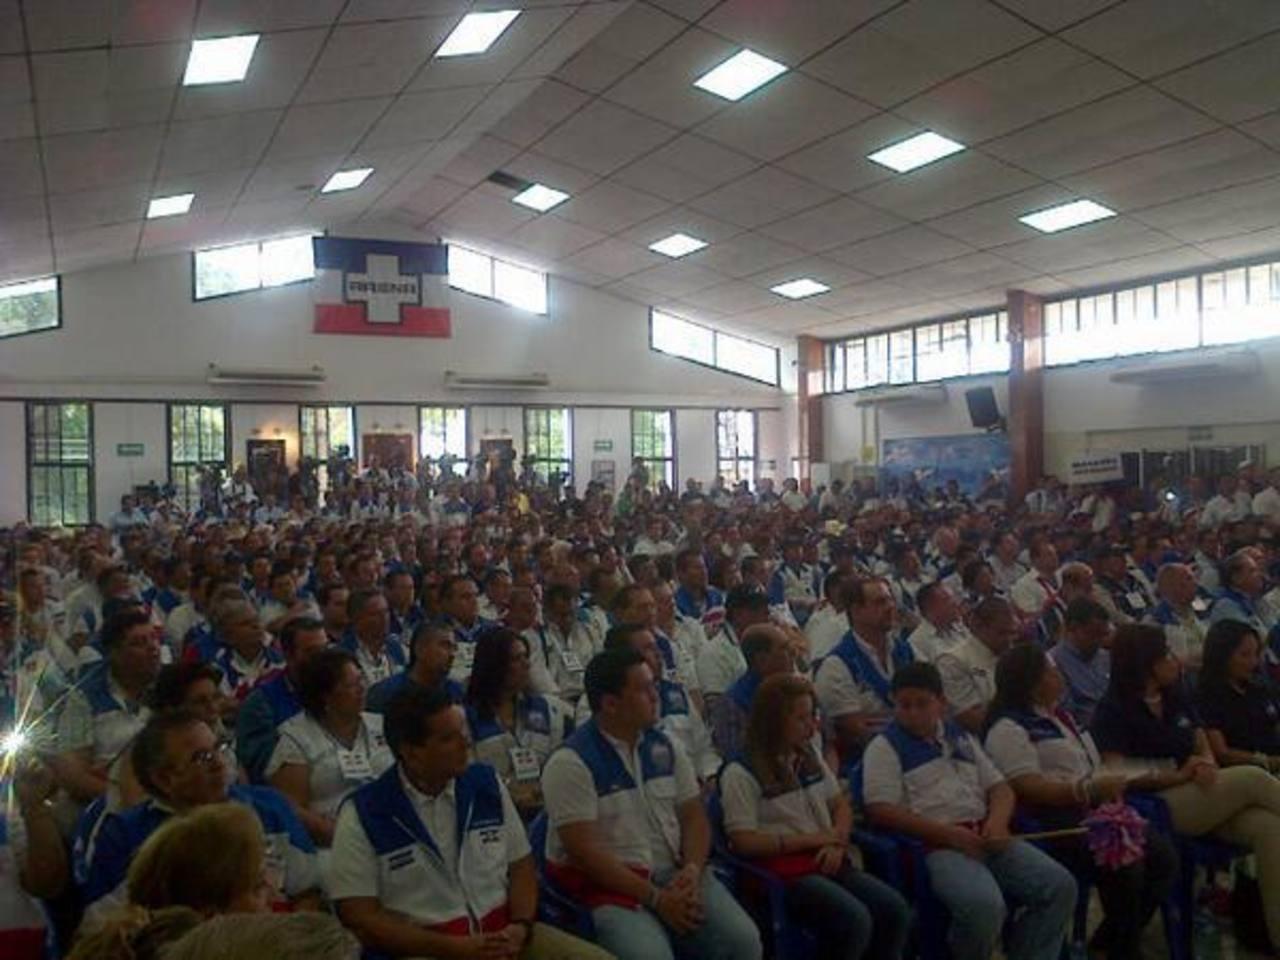 Más de 500 asambleístas participaron en el evento de ARENA. Foto cortesía de @vcameyito